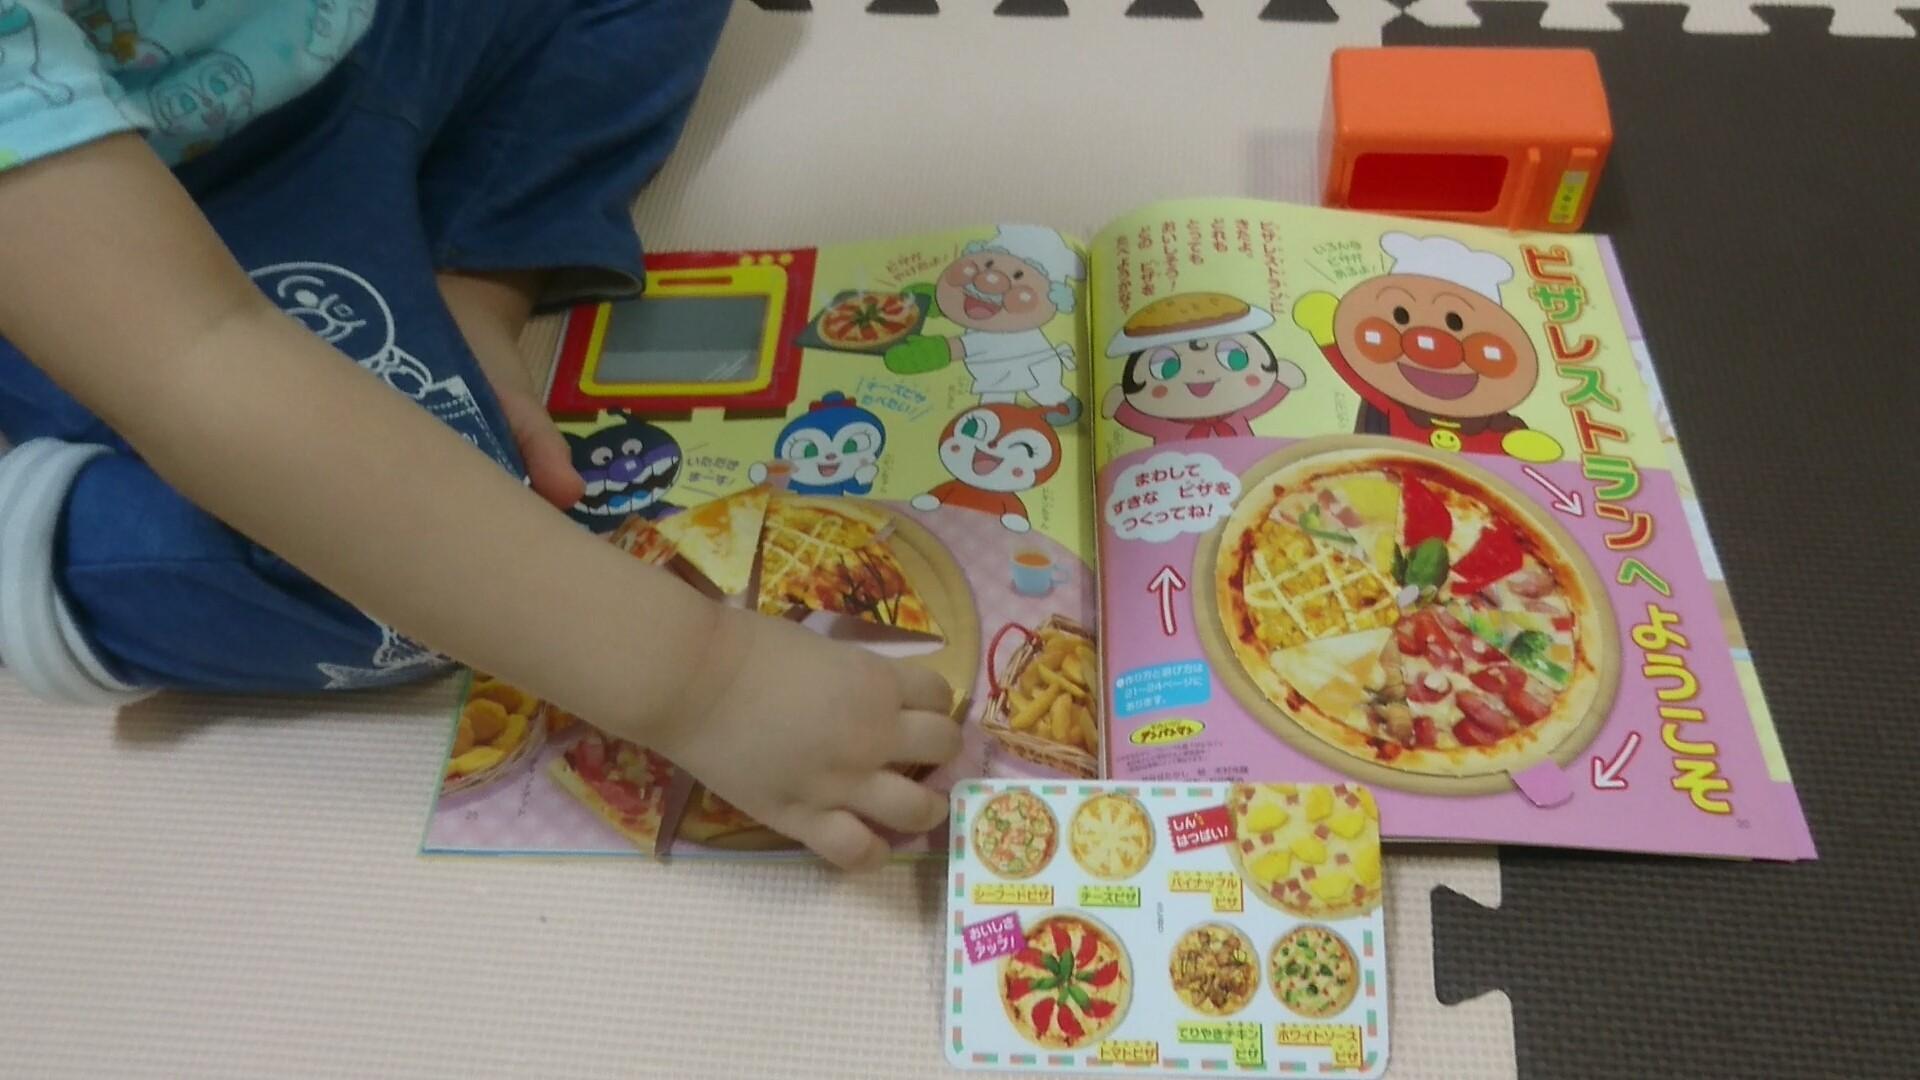 美味しそうなピザがいっぱい ^ ^  右上に「げんき12月号」付録のレンジが友情出演 (*'▽')!